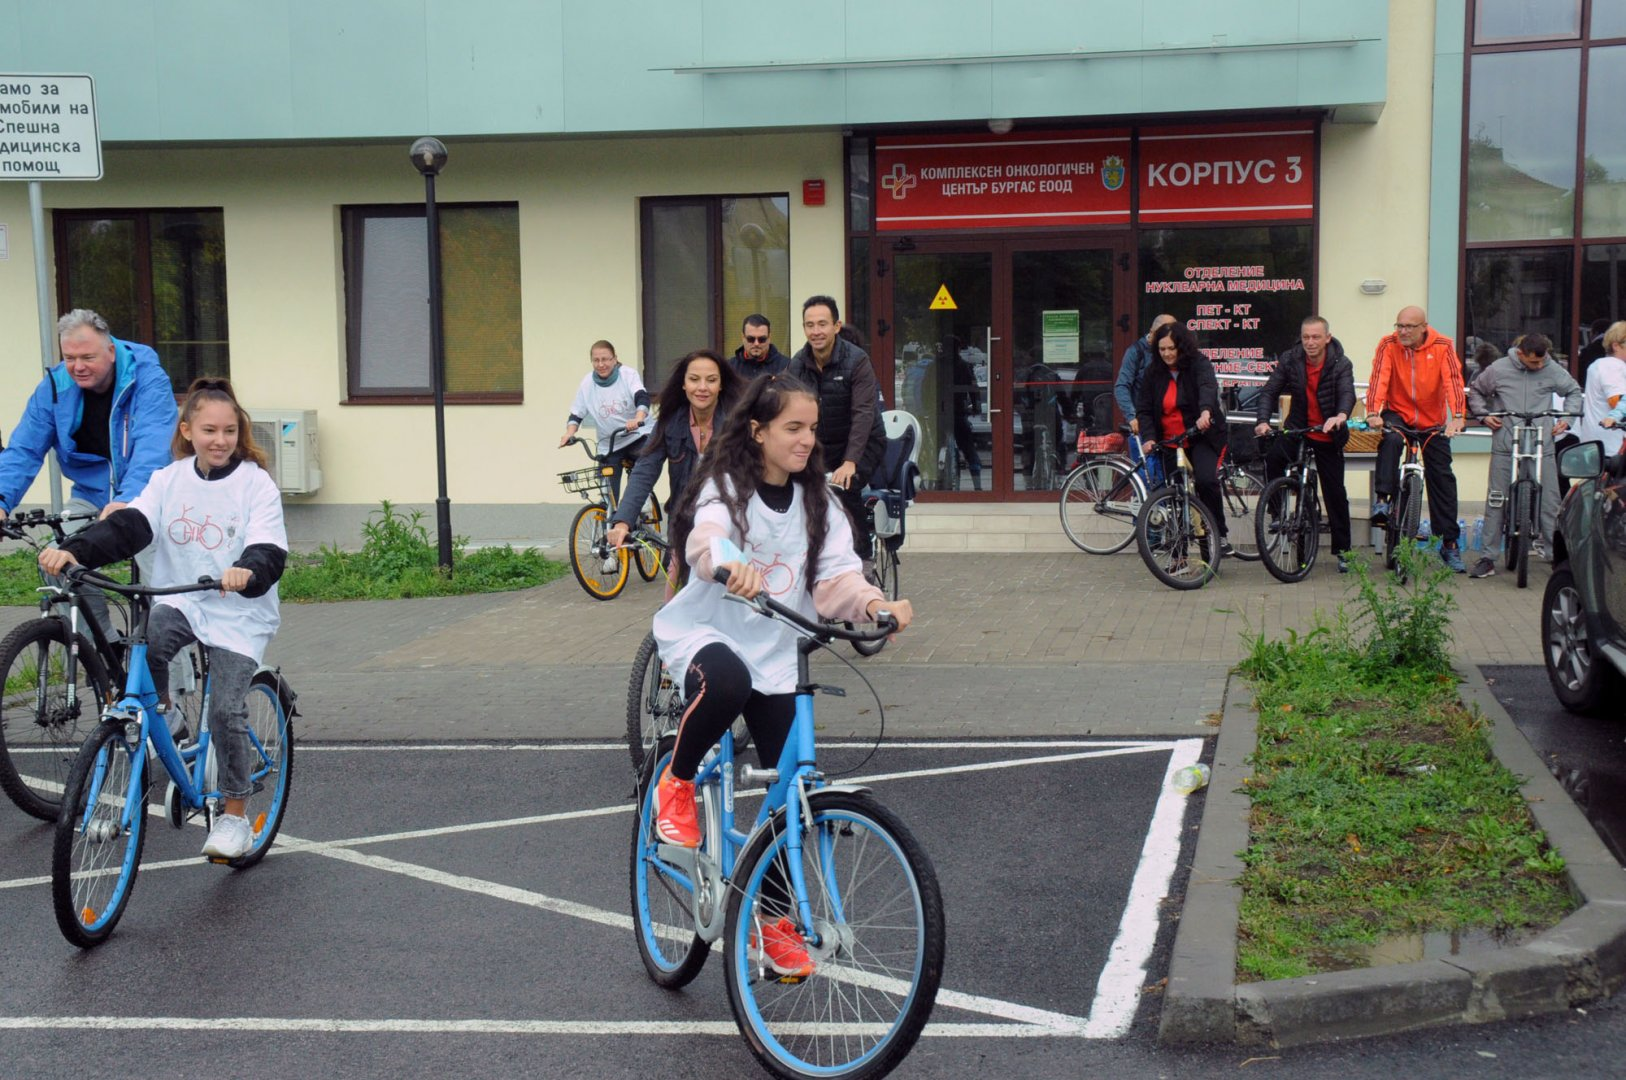 Лекари, пациенти на КОЦ и техни блики се включиха днес в благотворителен велотон под патронажа на актрисата Гергана Стоянова. Те изминаха 5 километров маршрут от КОЦ до Пантеона в Морската градина. Събраните средства ще се иползват за закупуване на перуки за онкоболни пациенти. Снимки Черноморие-бг